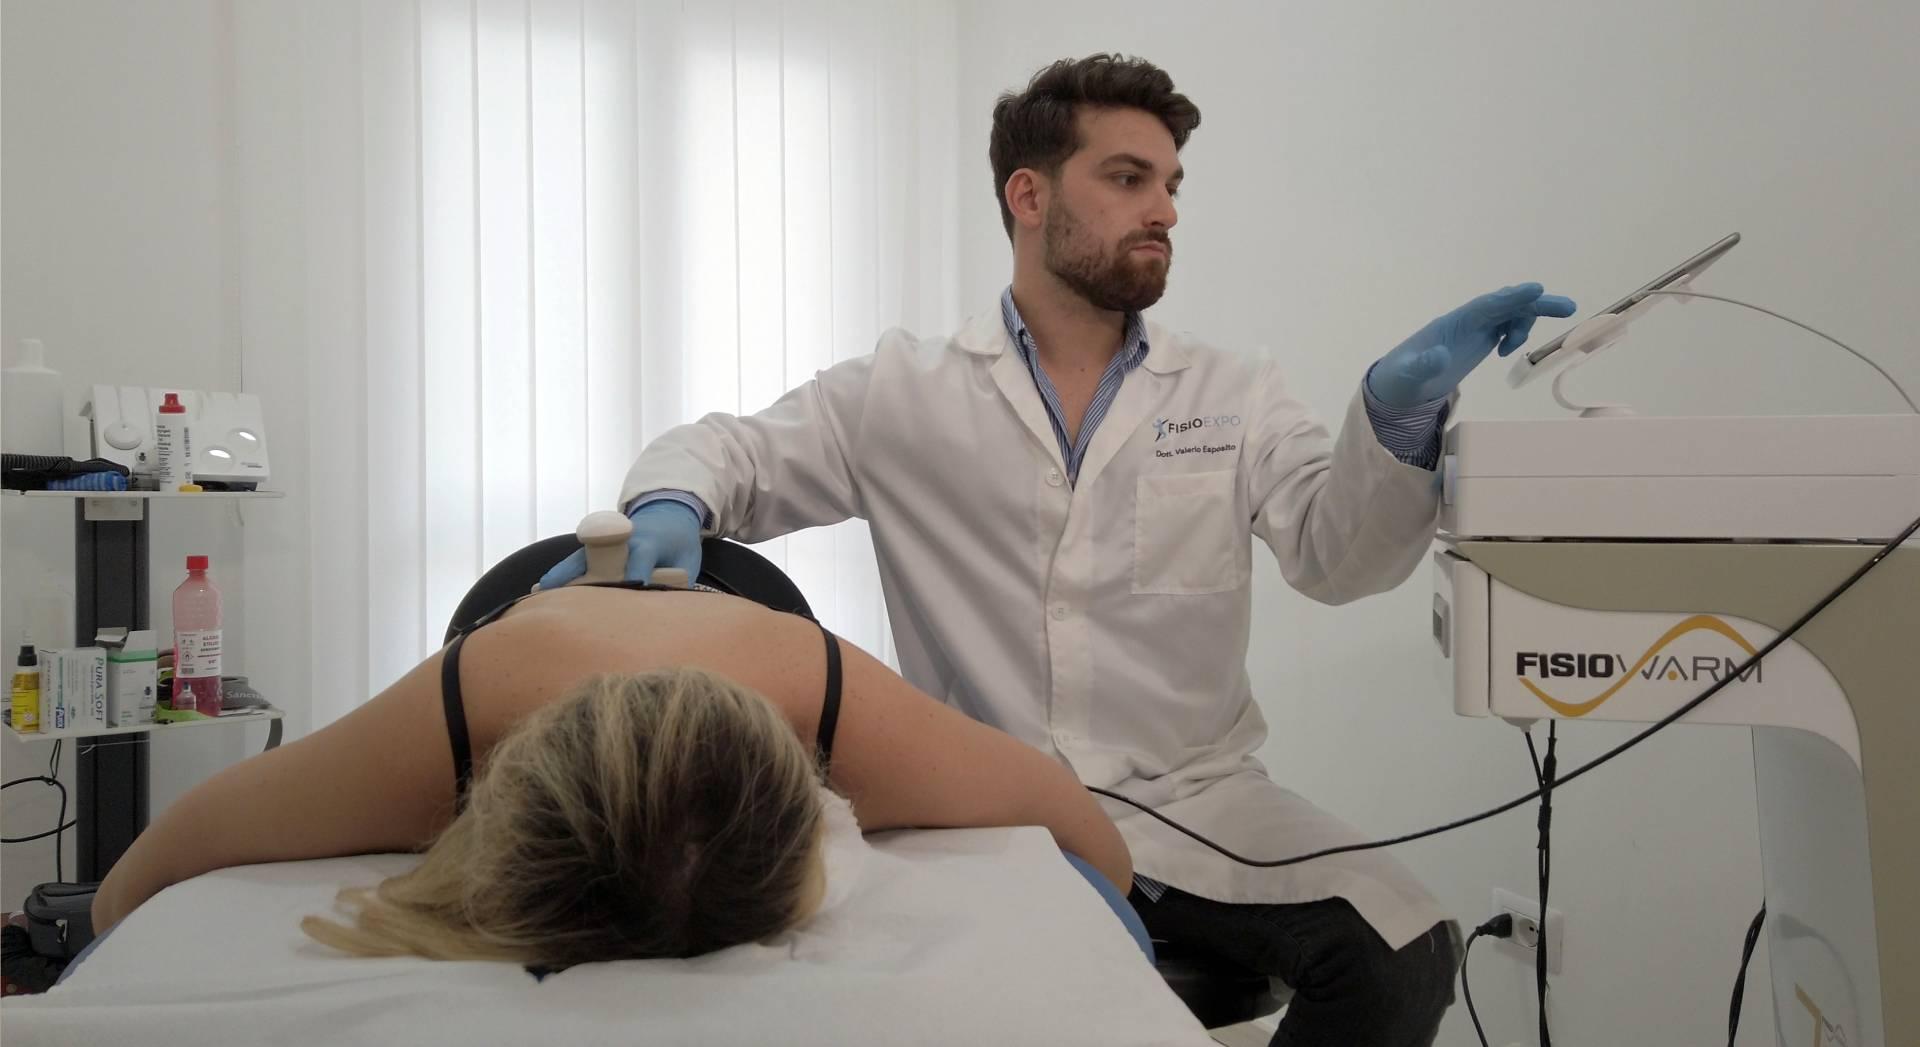 Il fisioterapista utilizza il macchinario per una tecarterapia alla schiena